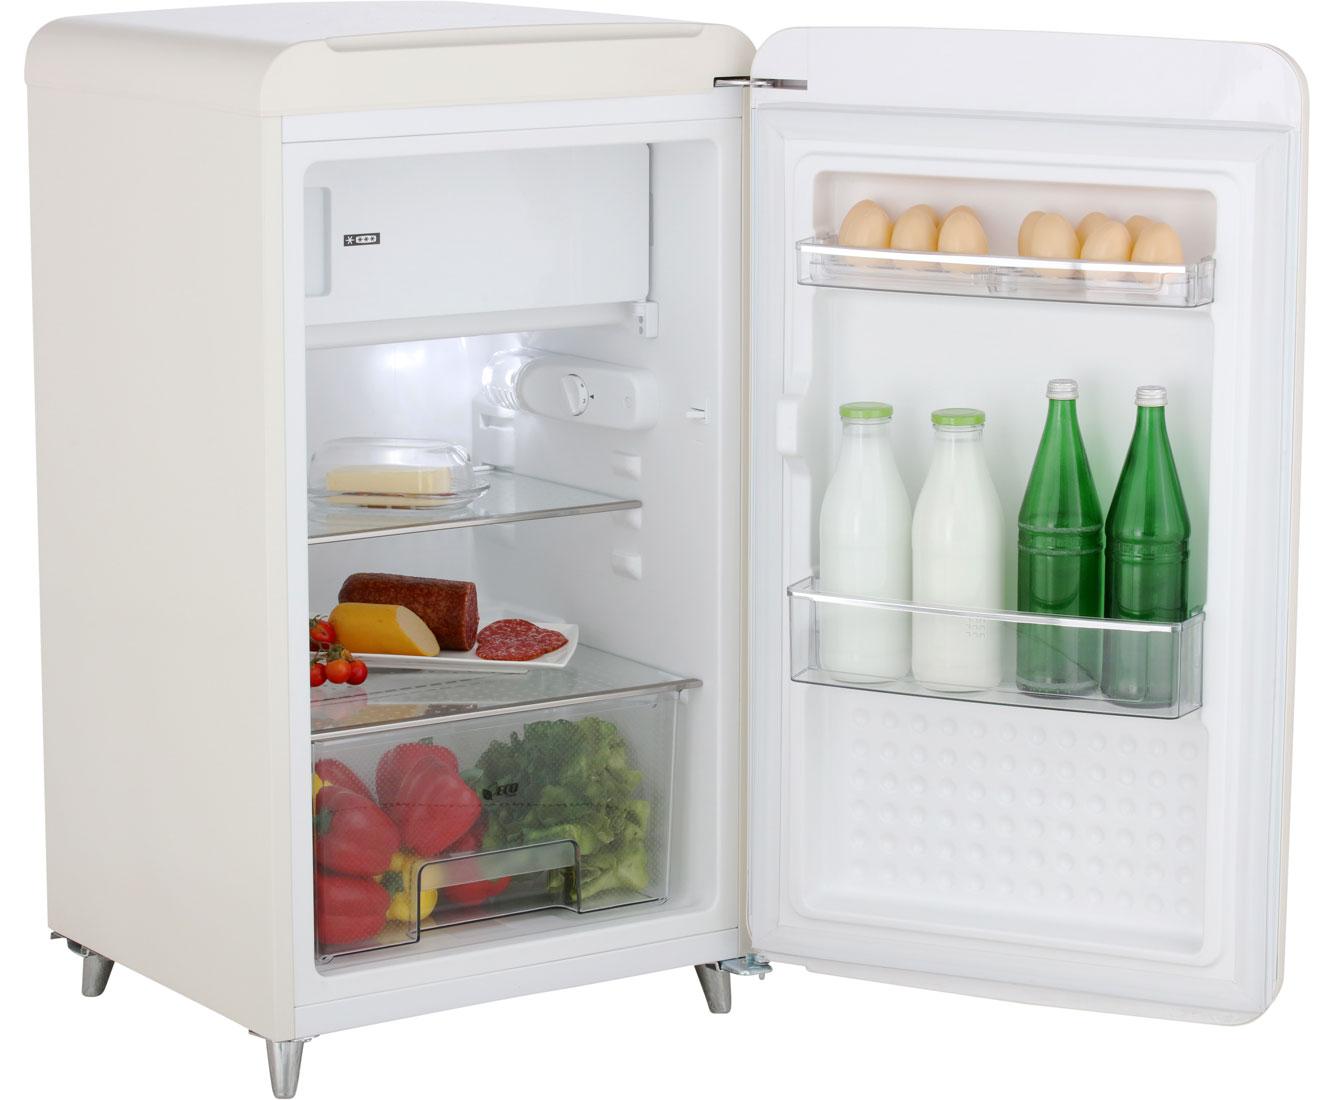 Bomann Kühlschrank Stufen : Kühlschrank welche stufe reparatur liebherr gefrierschrank